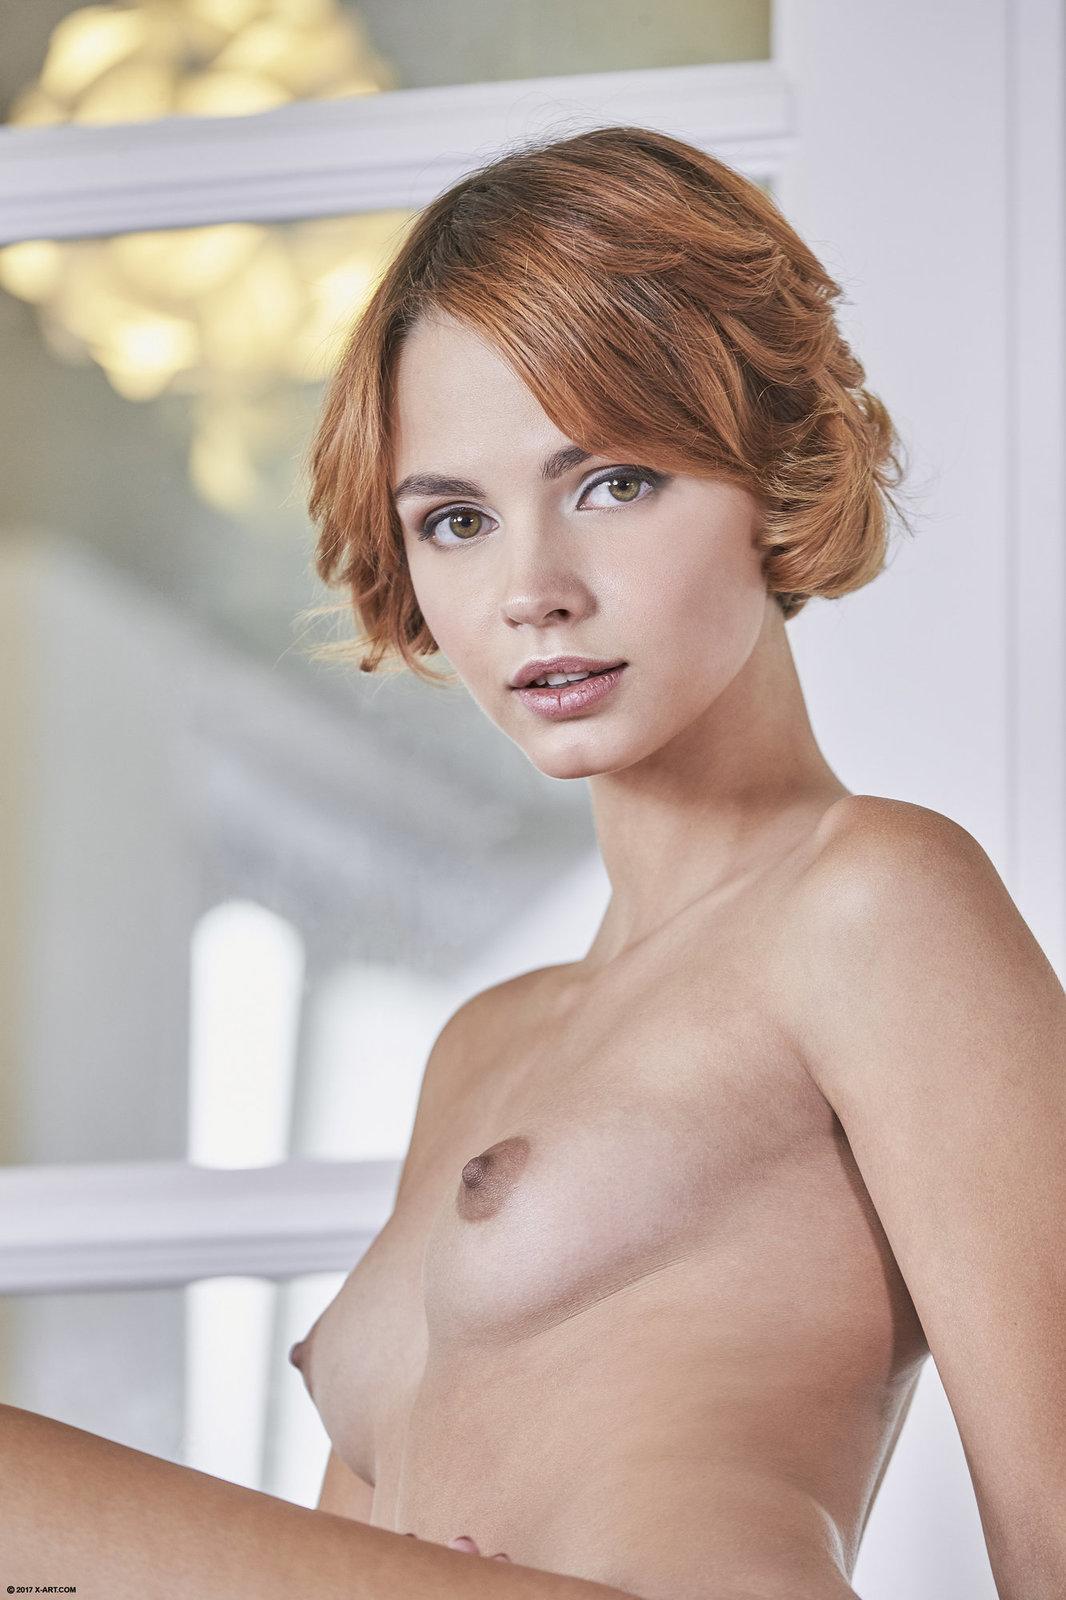 Teen Nude Art Video